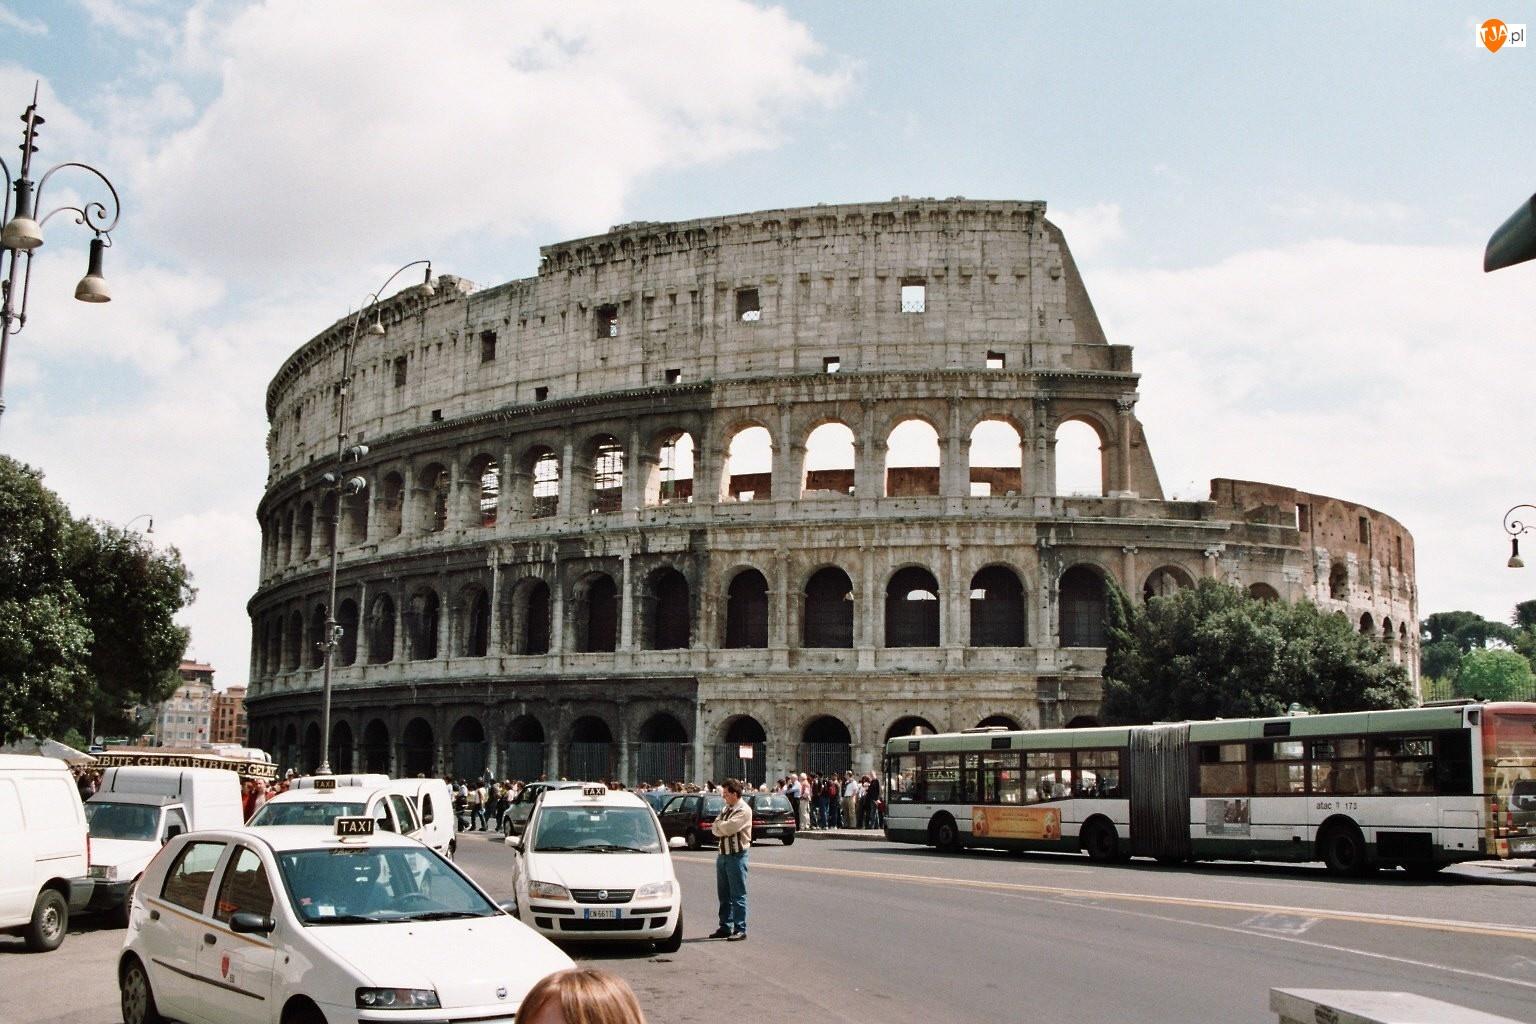 Rzym, Samochody, Koloseum, Ulica